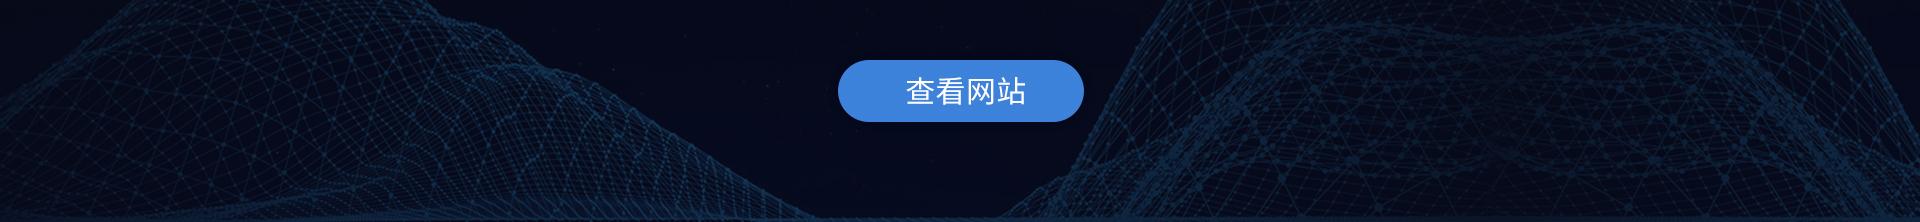 页面-王希翔-云企案例设计简介-有手机版王希翔_02